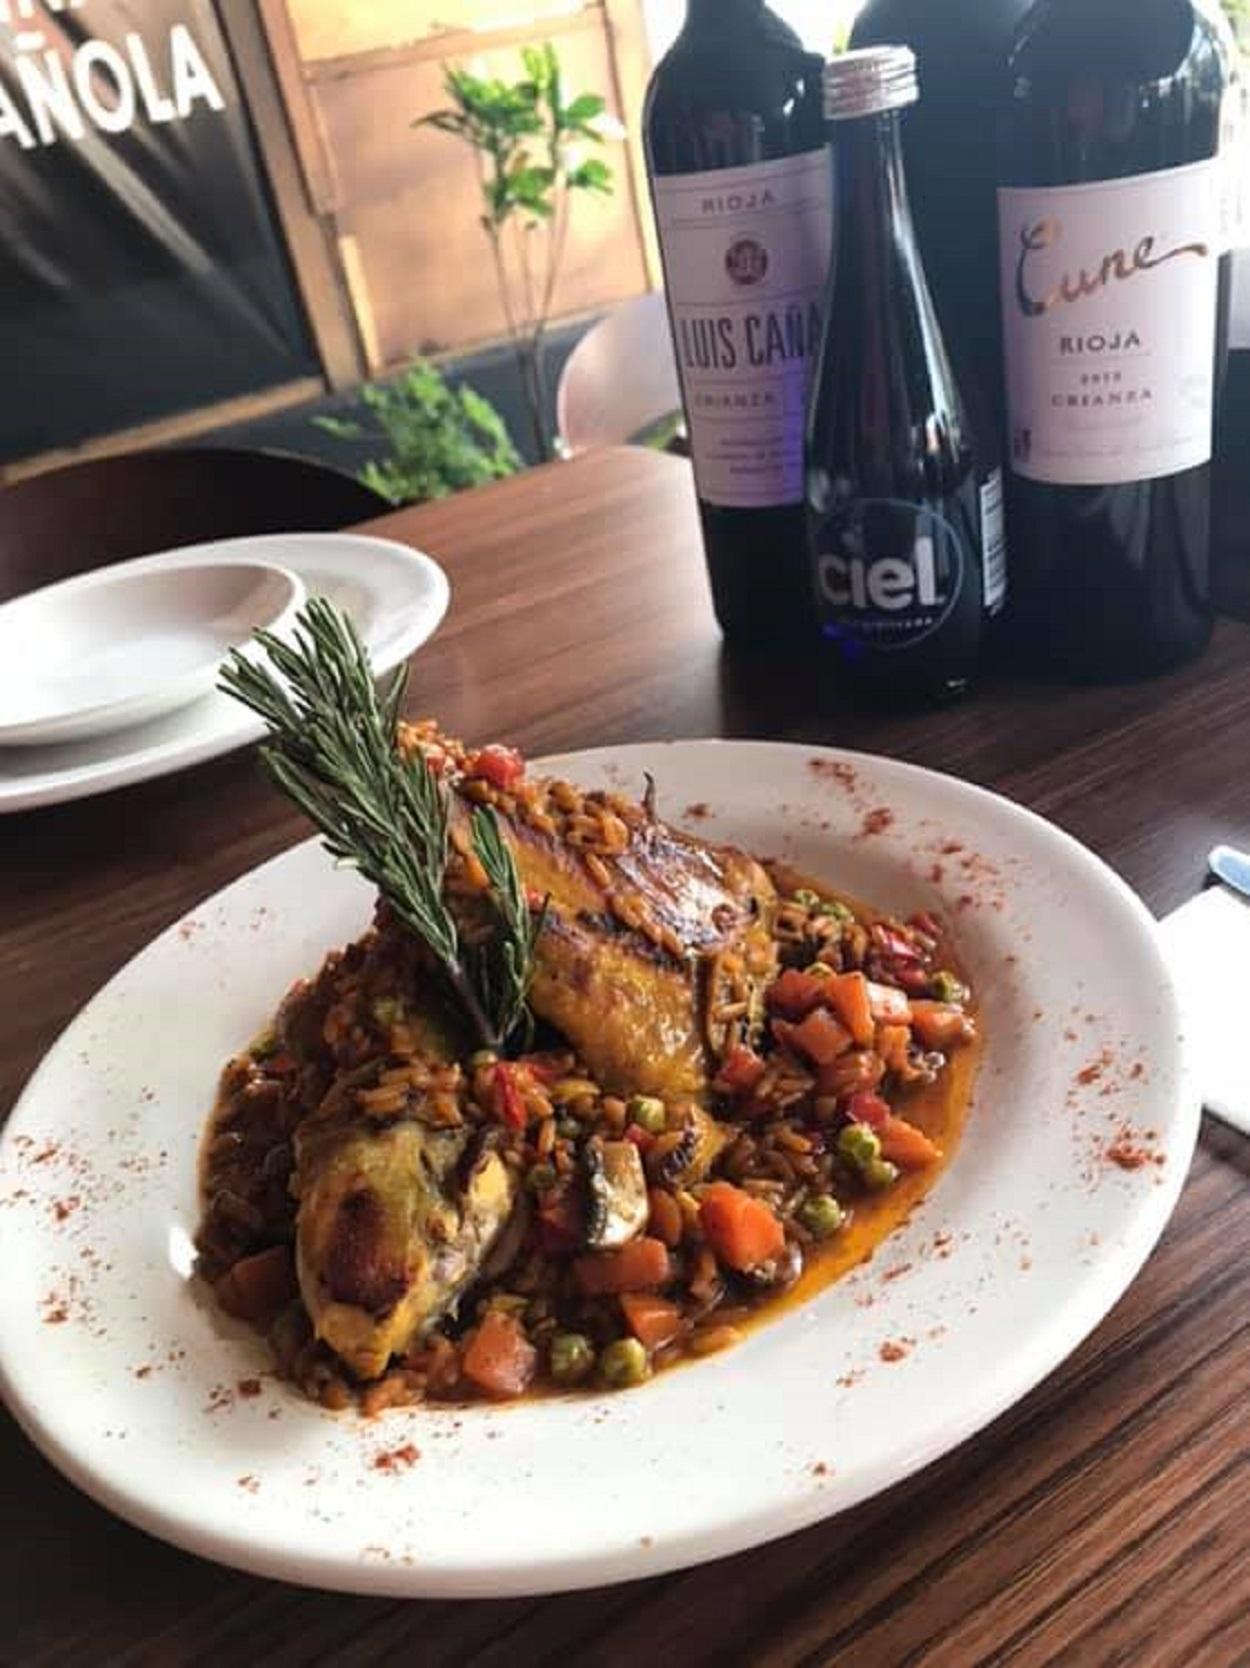 Guide to restaurants in Cuernavaca